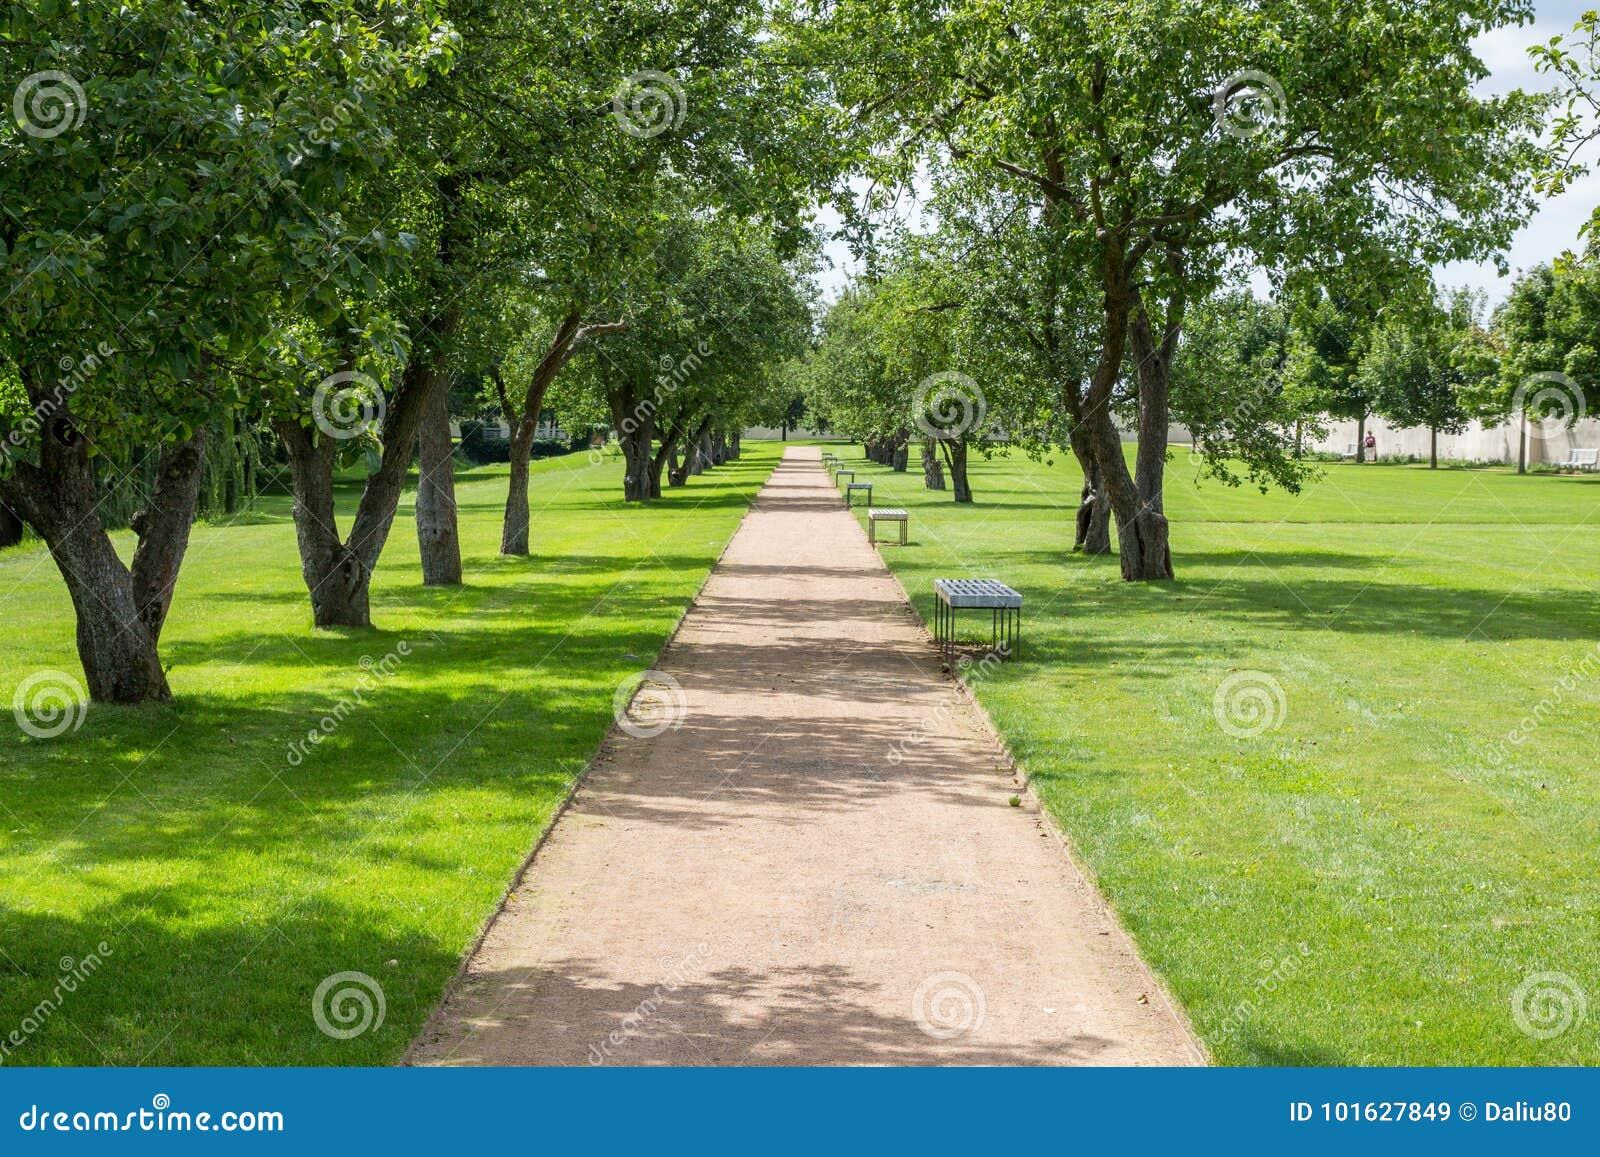 Trayectoria a través del parque en verano